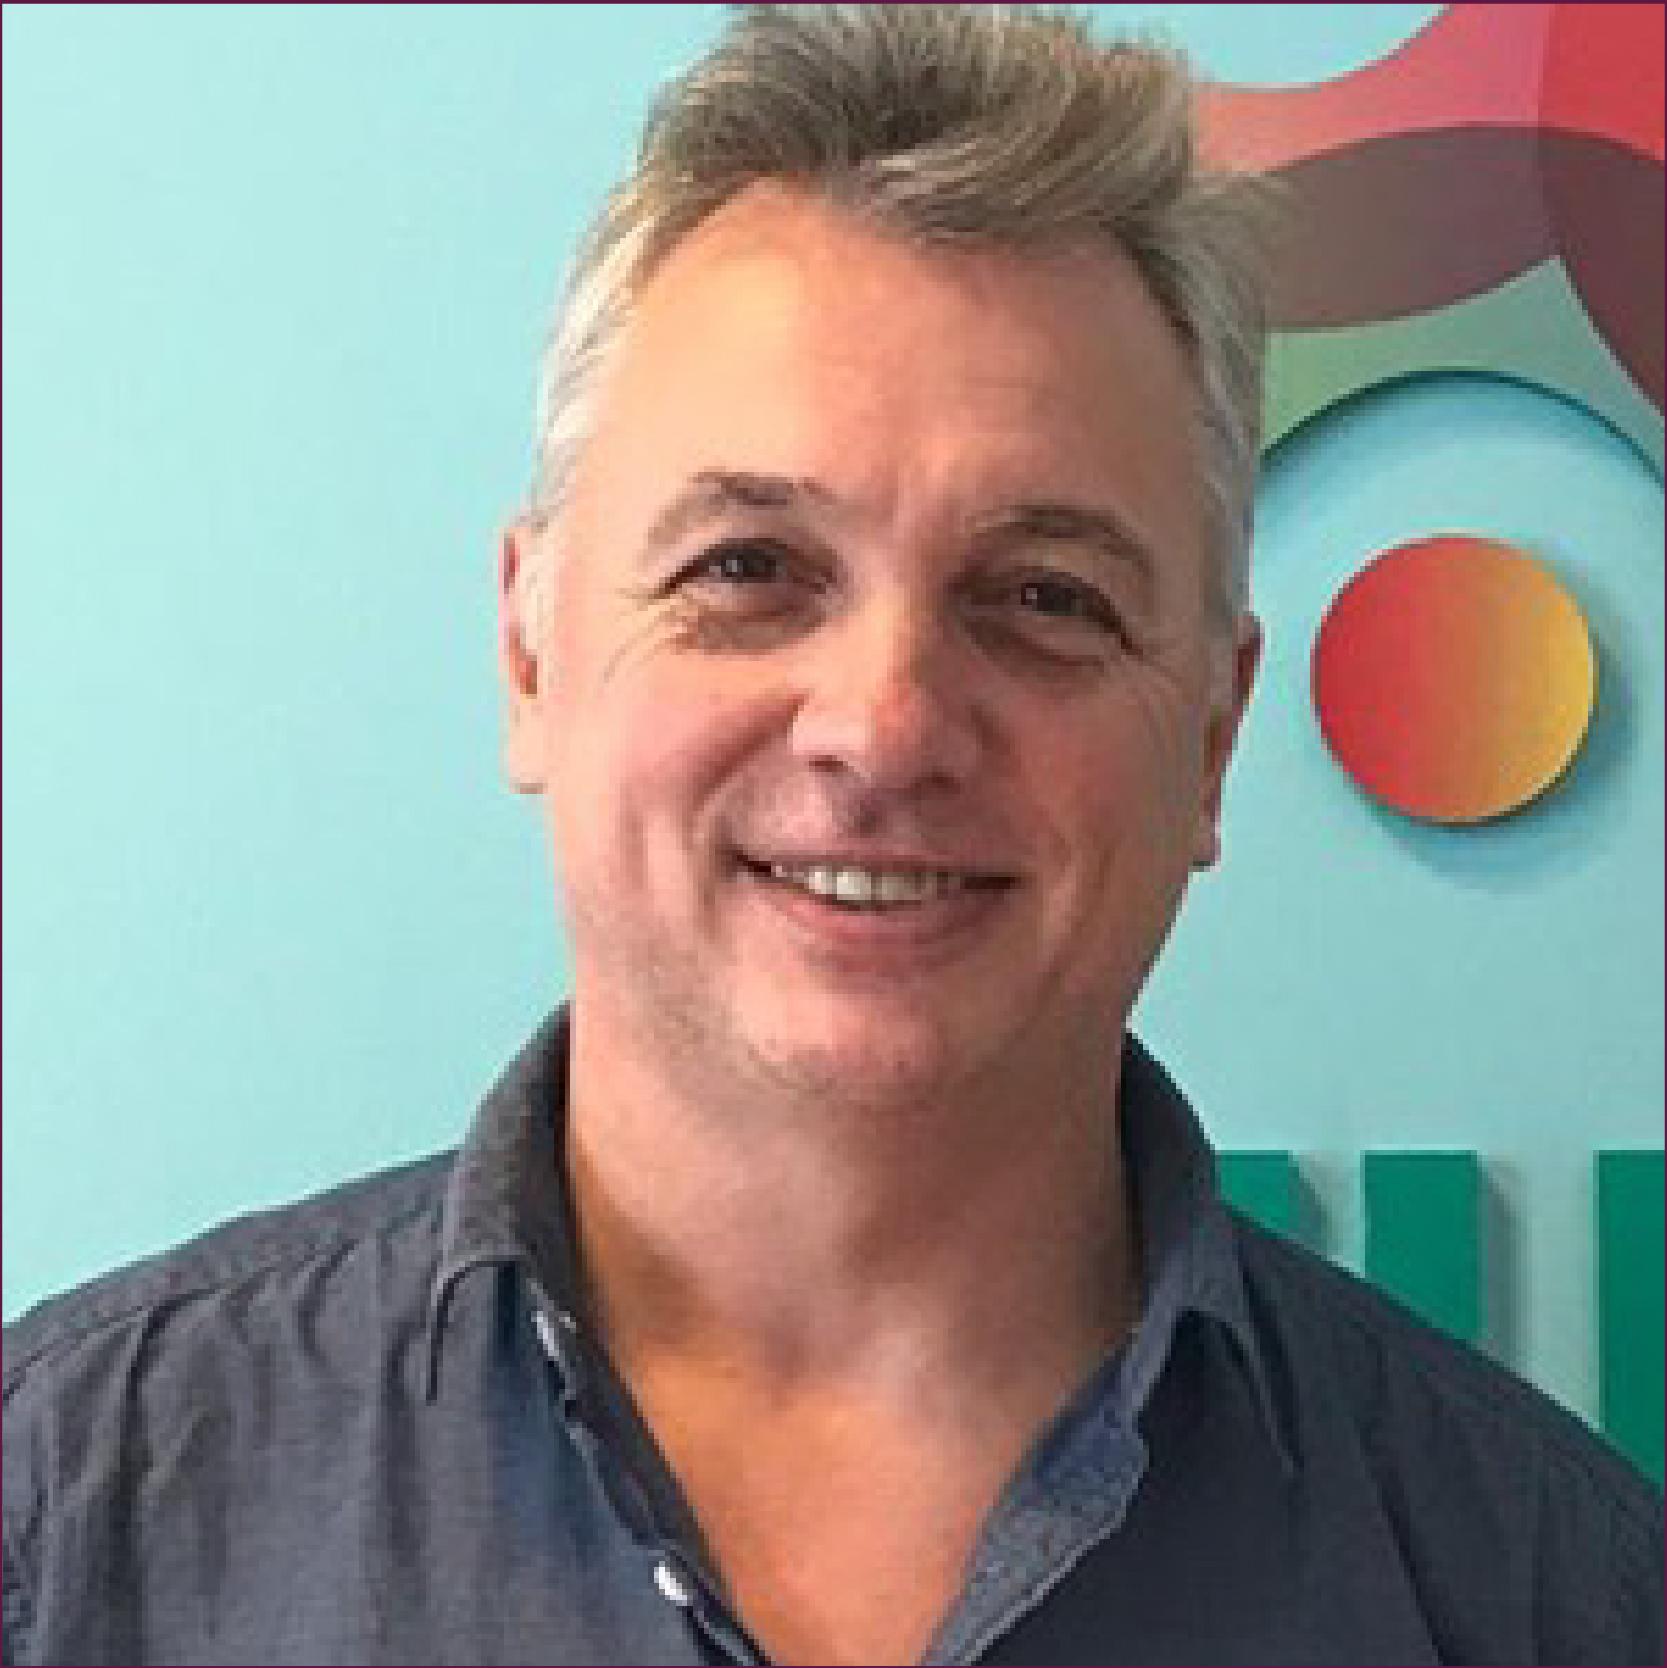 Diego Uberti